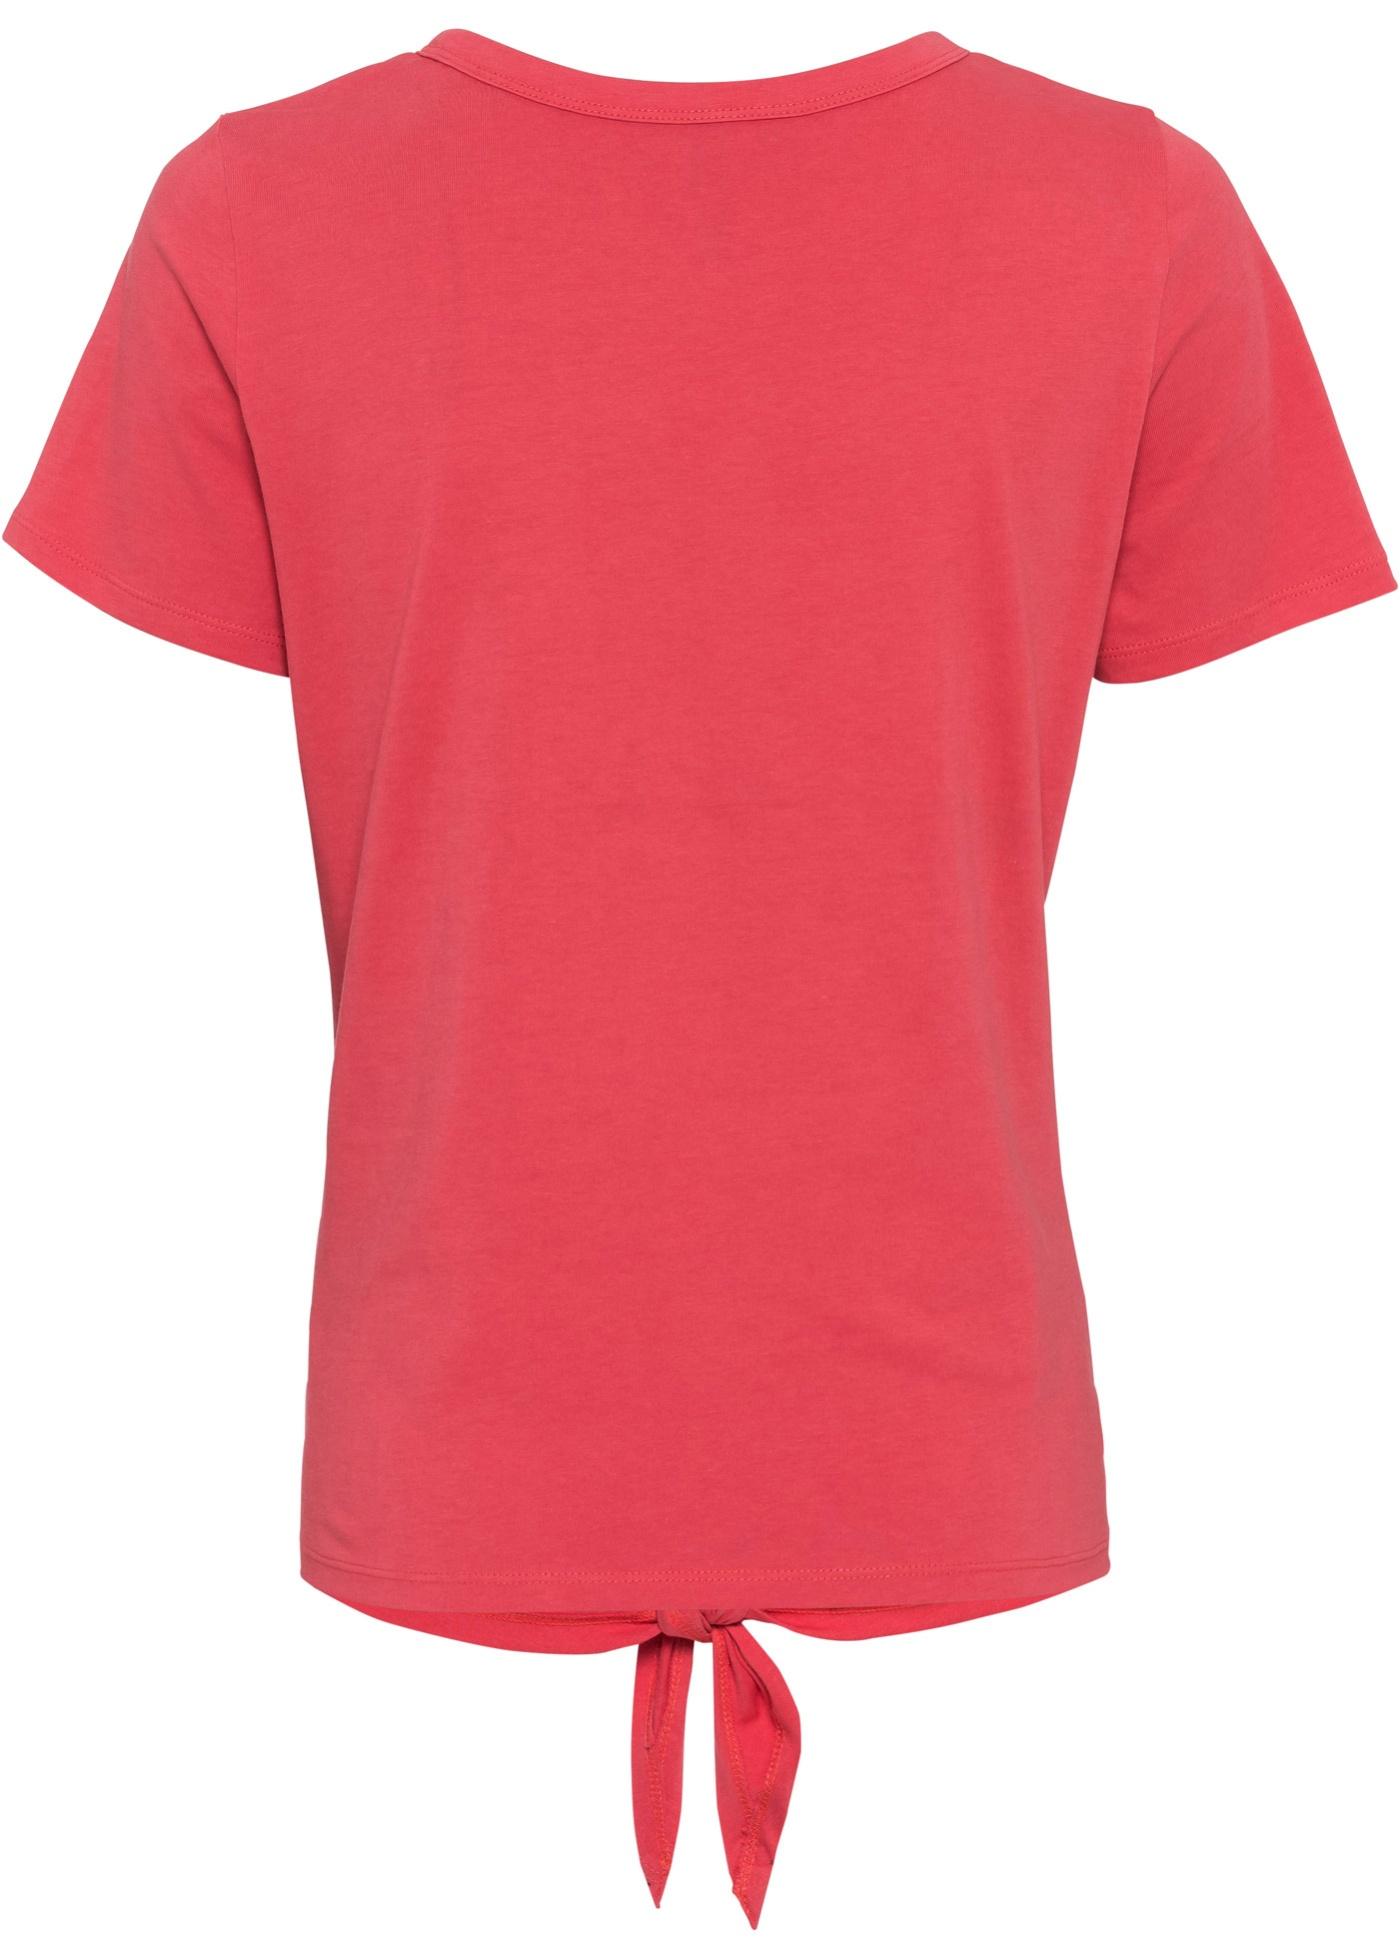 Bonprix T-shirt van biologisch katoen